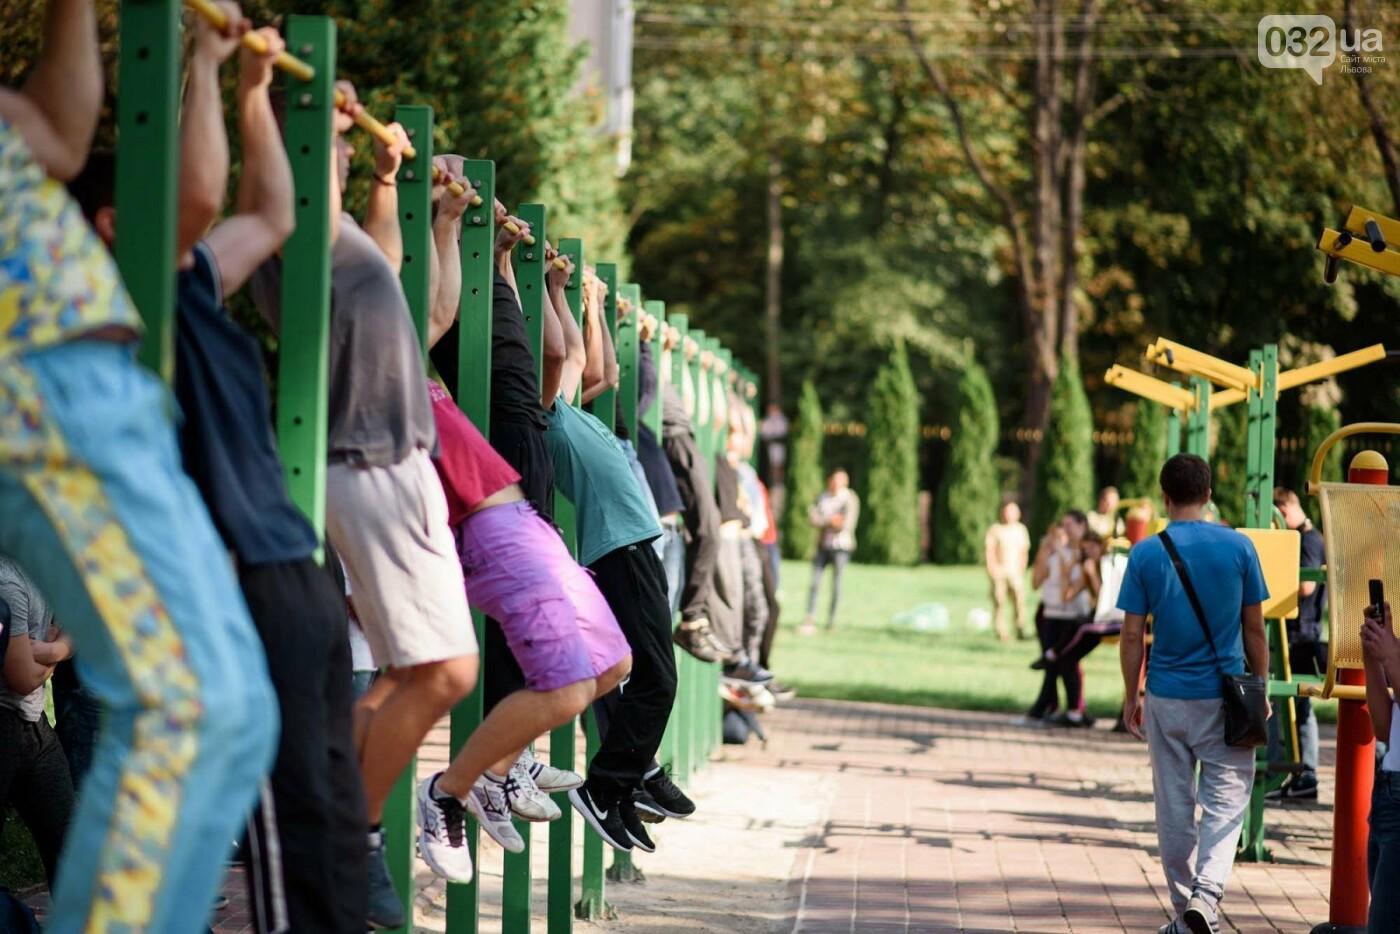 240 студентів Львівщини одночасно підтягнулися на турніках, фото-1